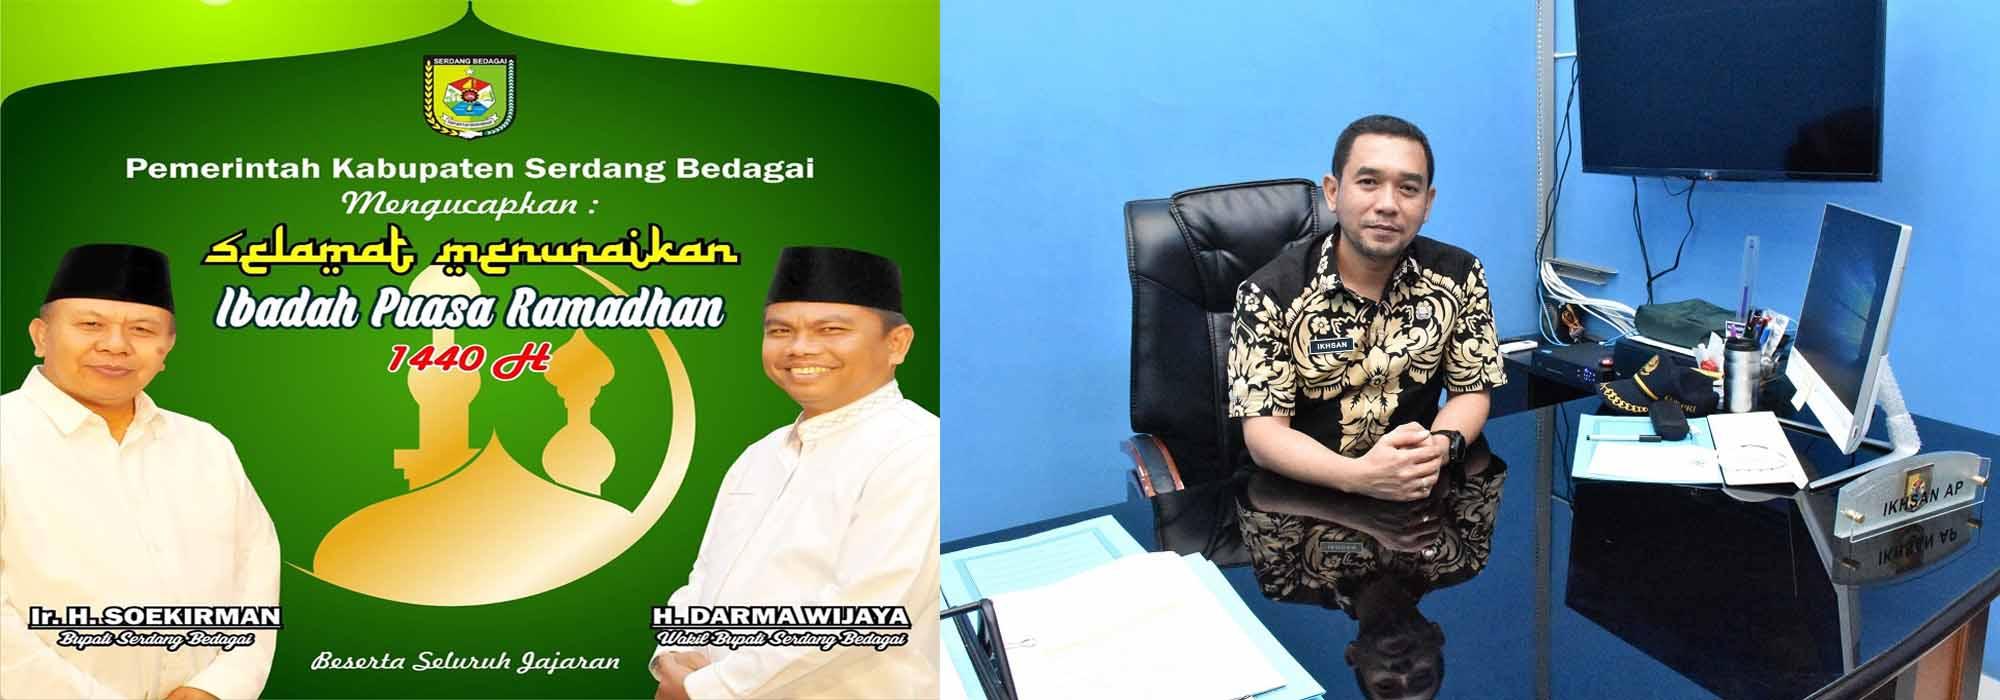 Kadis Kominfo Berikan Ucapan Selamat Menyambut Bulan Suci Ramadhan 1440 H Diskominfo